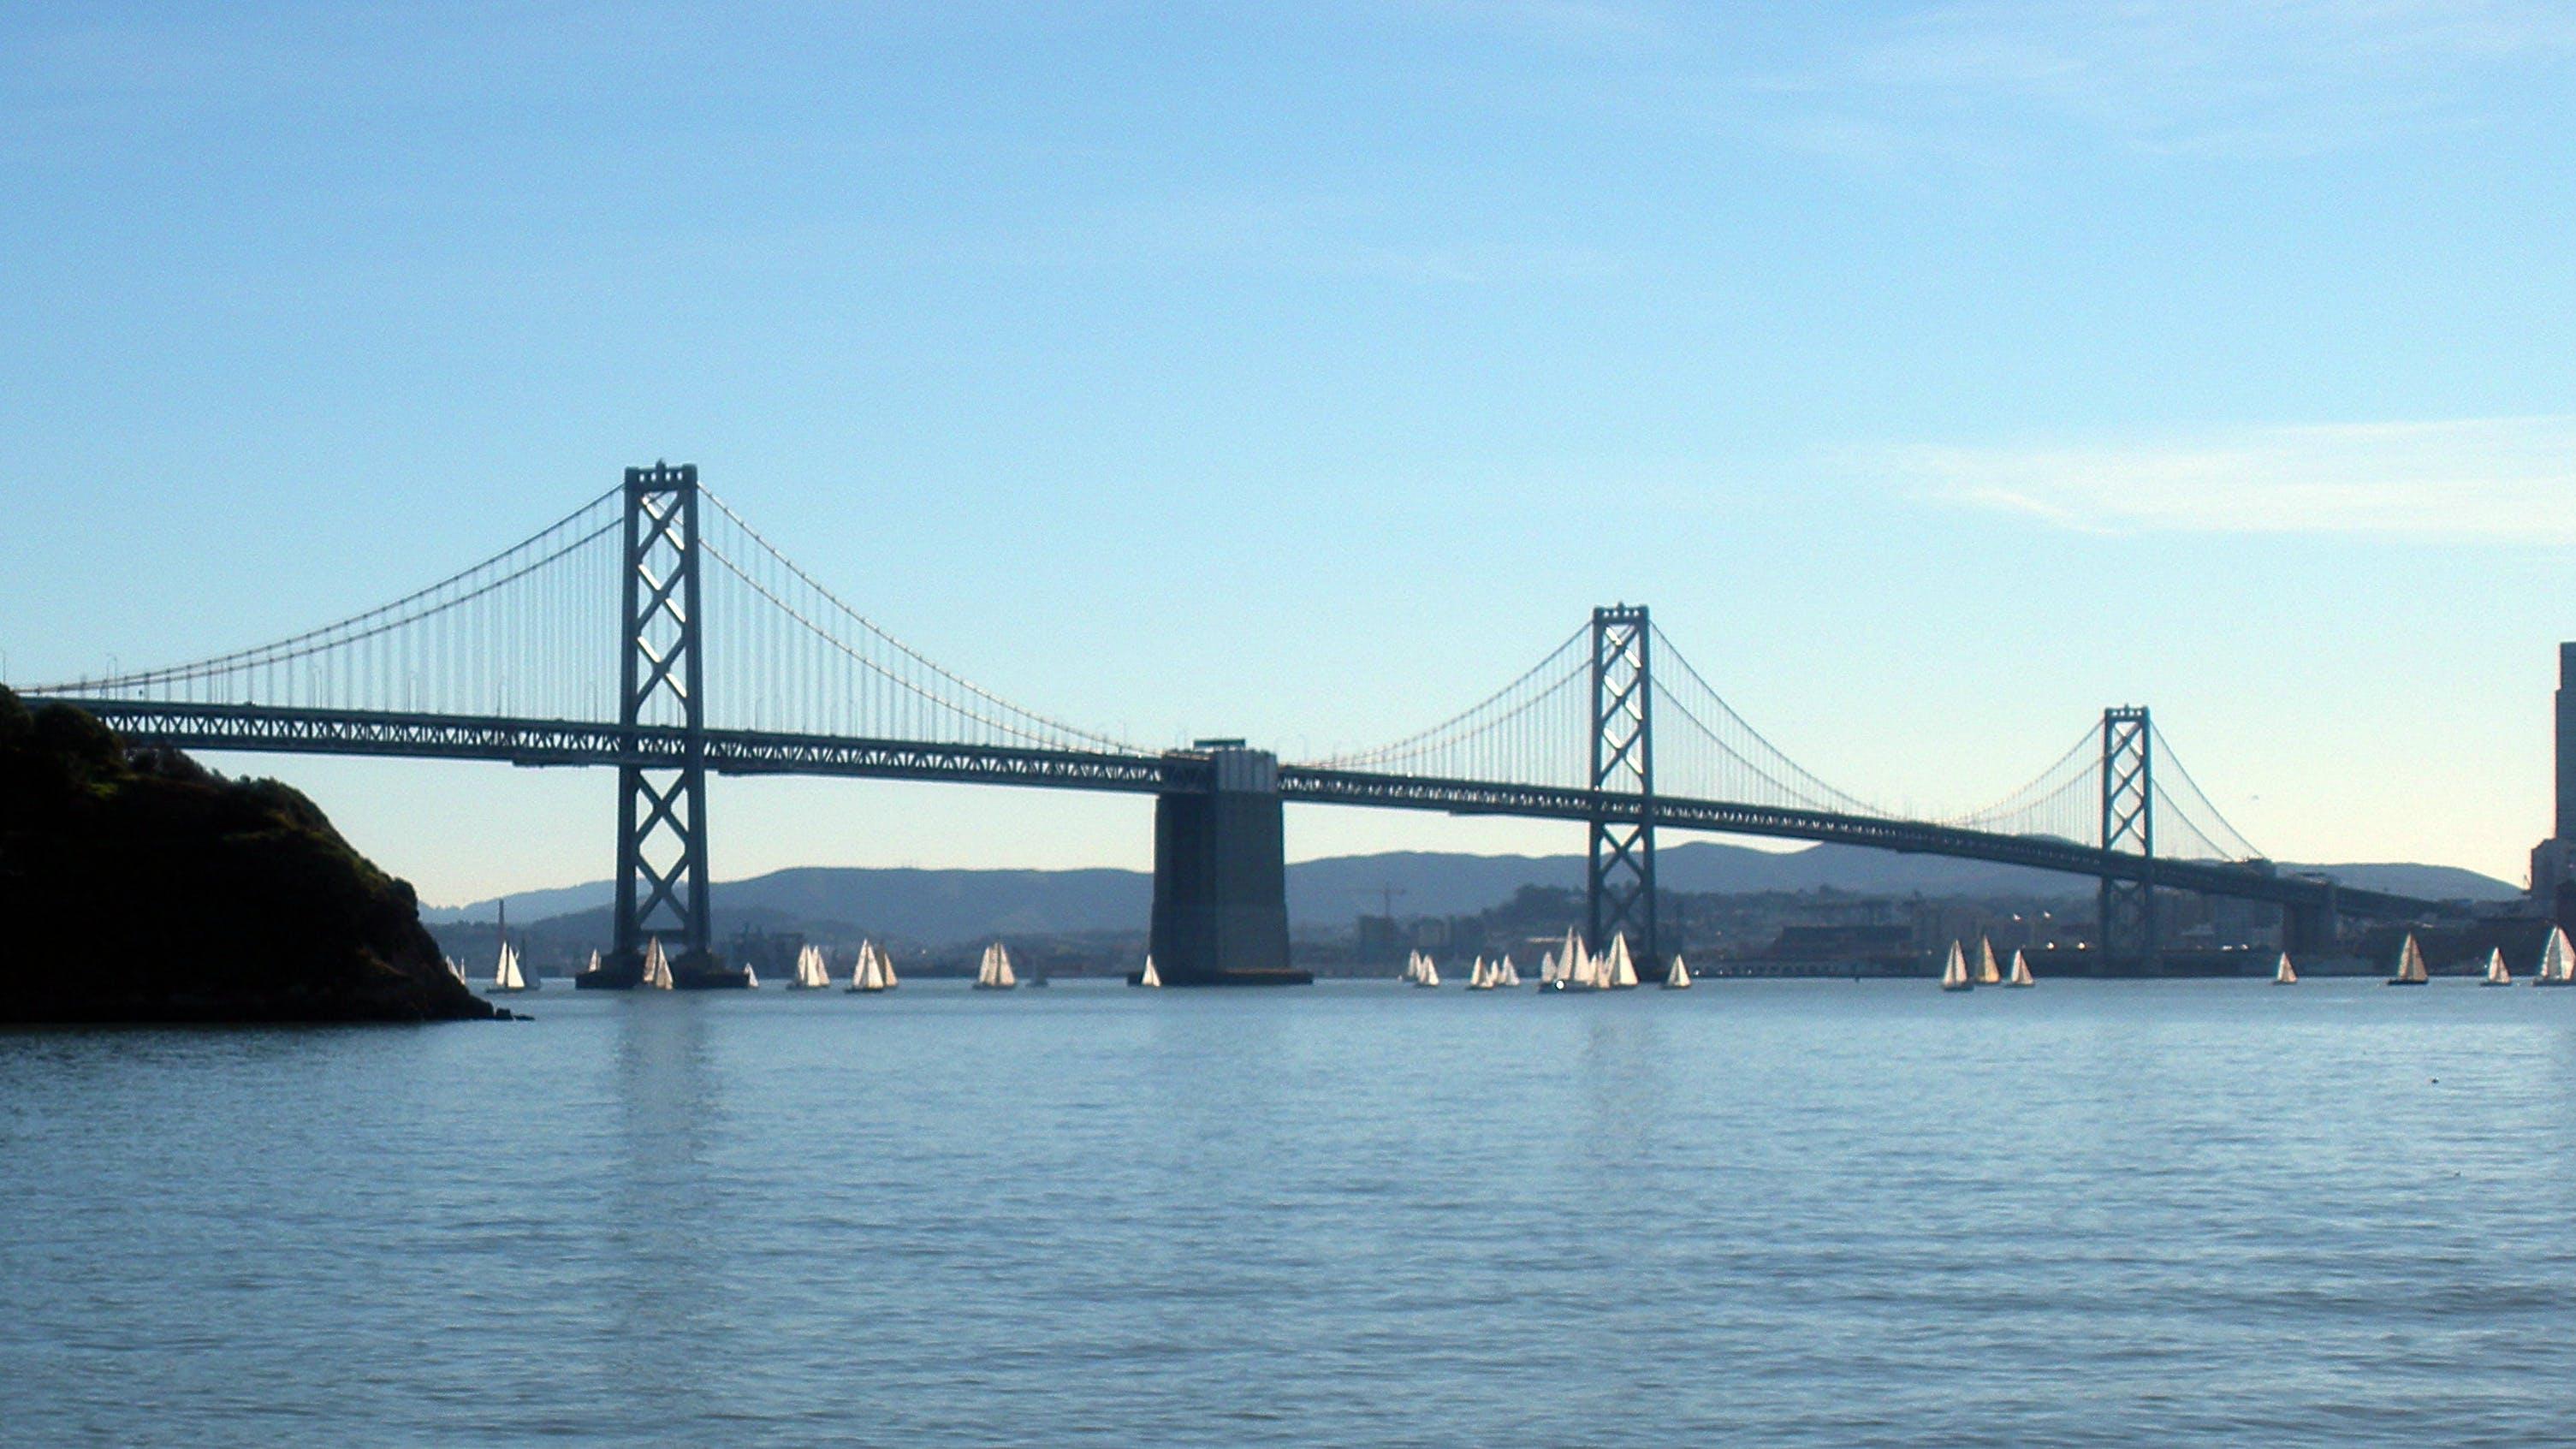 arkitektur, Bay Bridge, bro